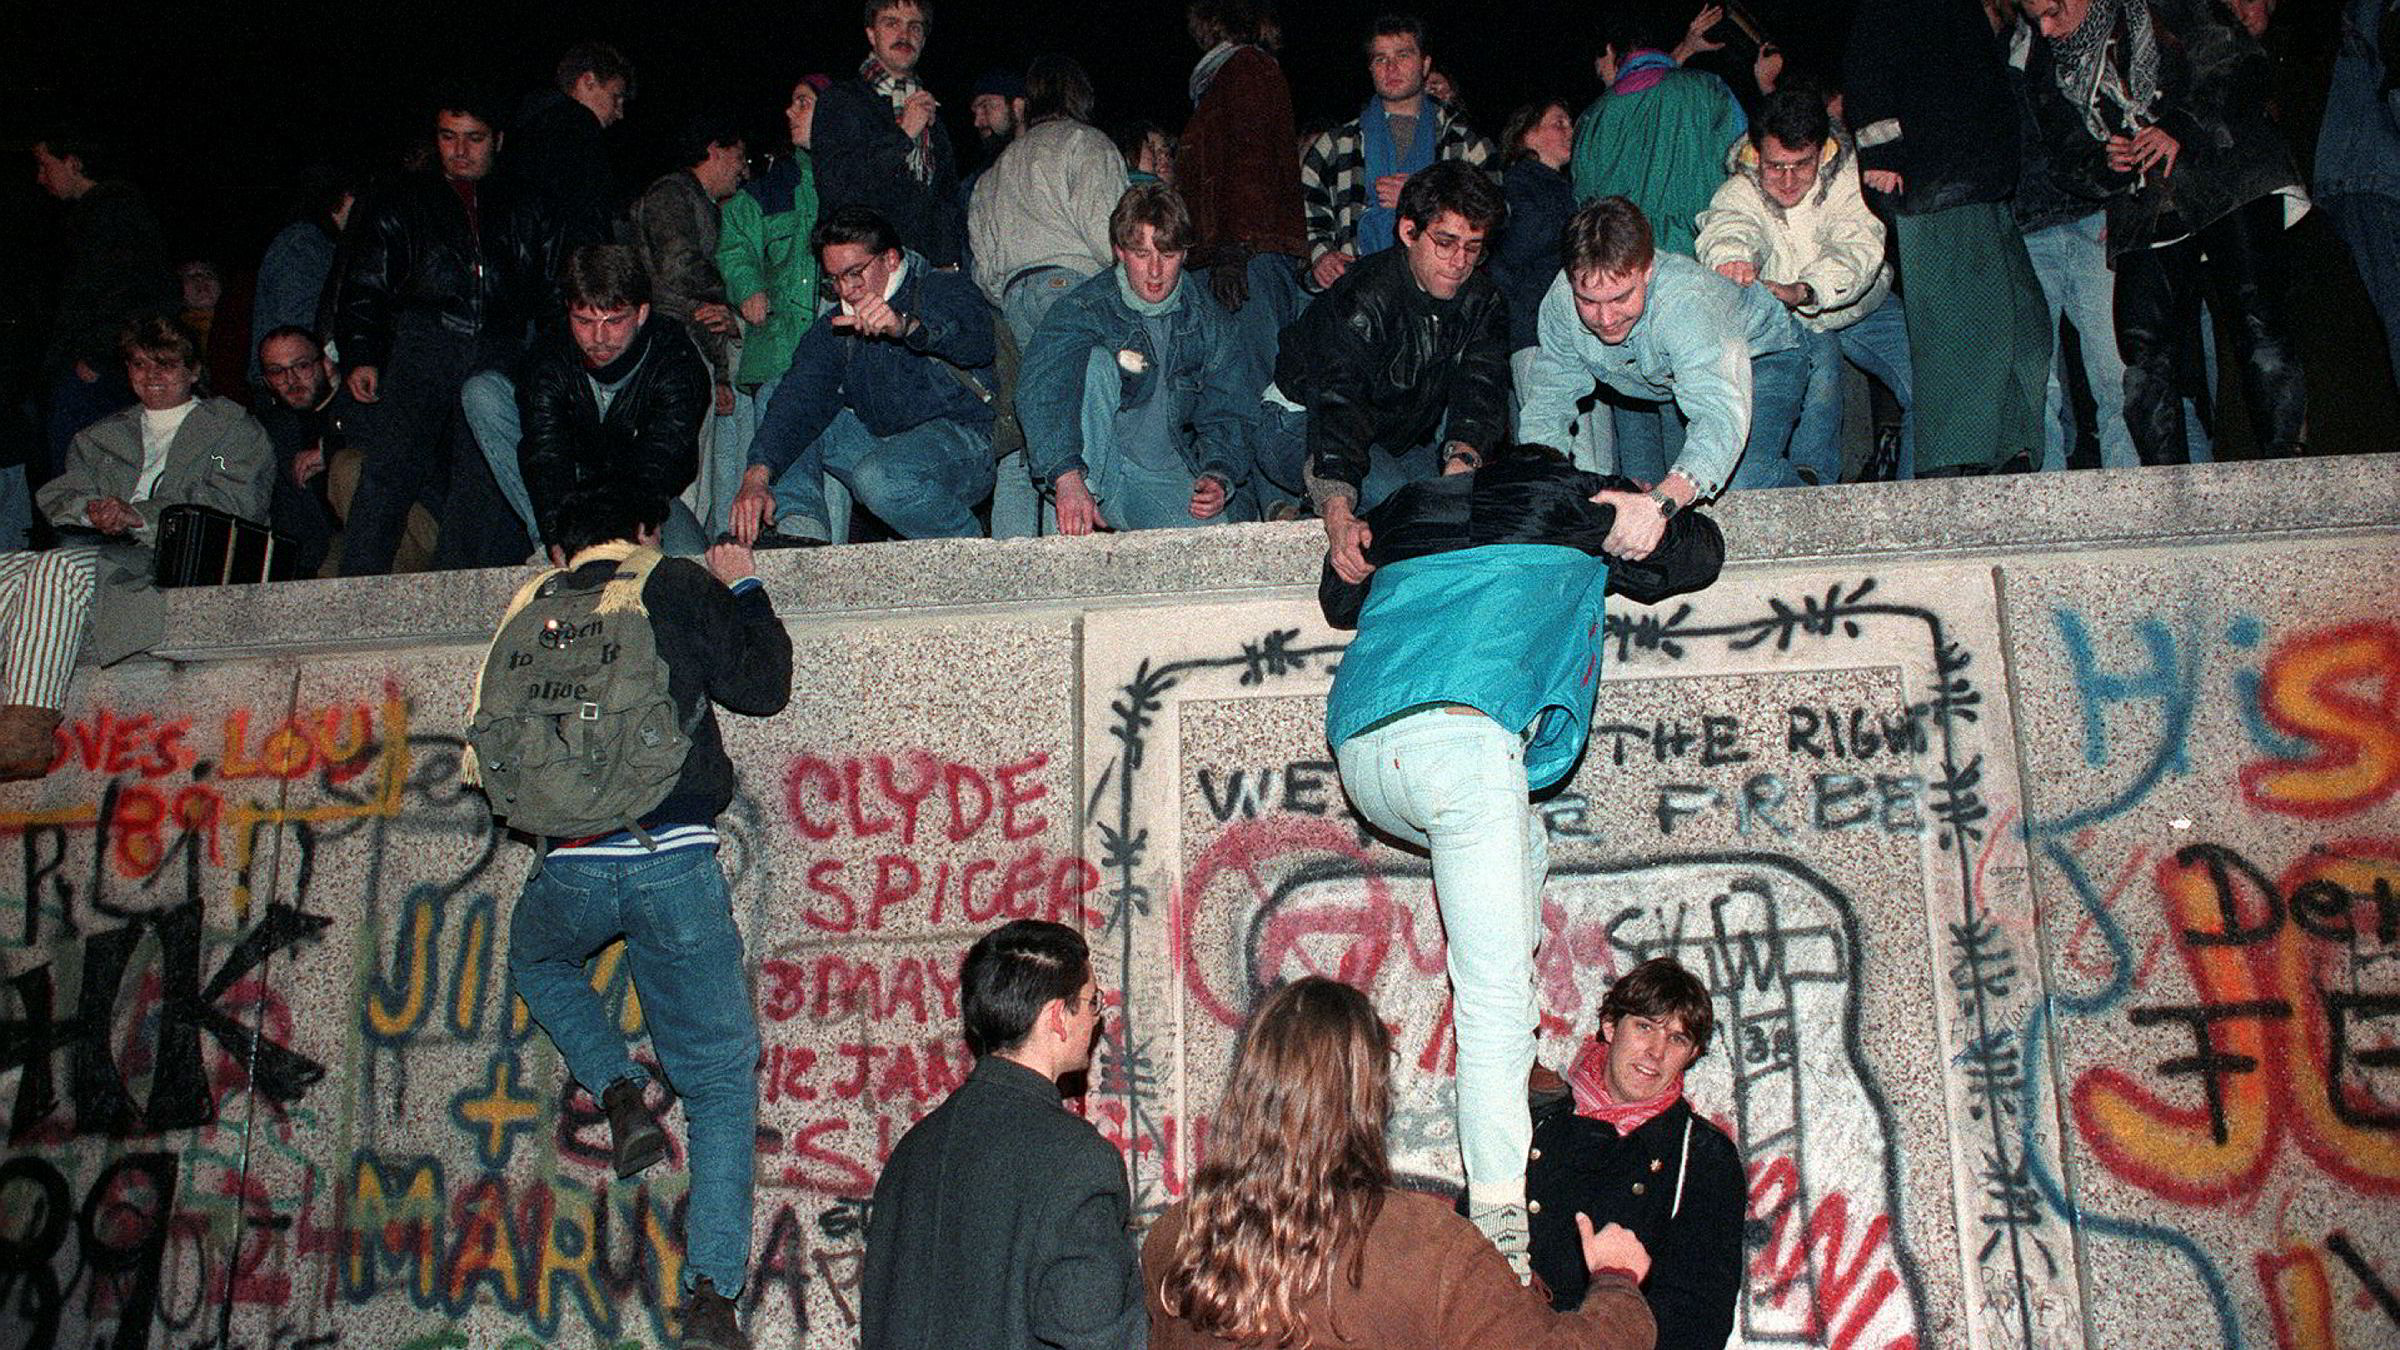 Tusenvis av mennesker krabbet opp på Berlin-muren i november 1989. 30 år etter Murens fall stilles spørsmålet: Hvordan kunne seierherrene bli tapere?